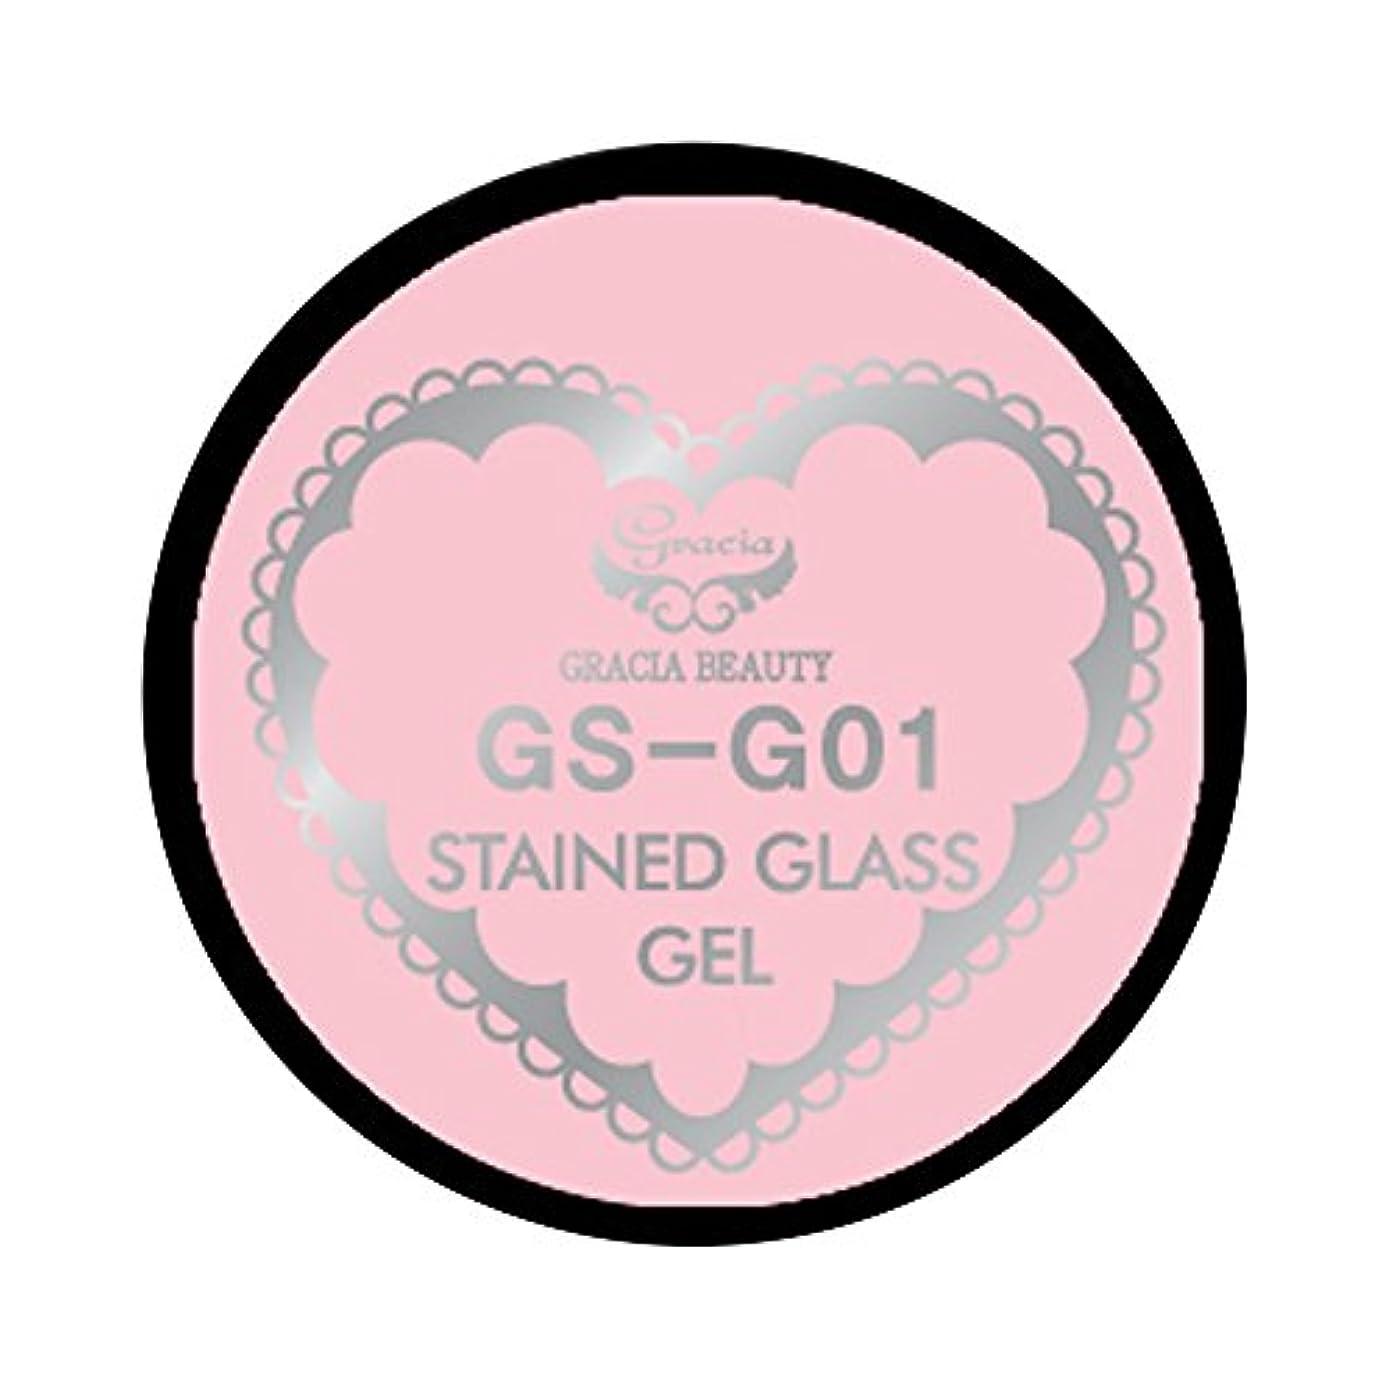 監査落ち着いた注入するグラシア ジェルネイル ステンドグラスジェル GSM-G01 3g  グリッター UV/LED対応 カラージェル ソークオフジェル ガラスのような透明感